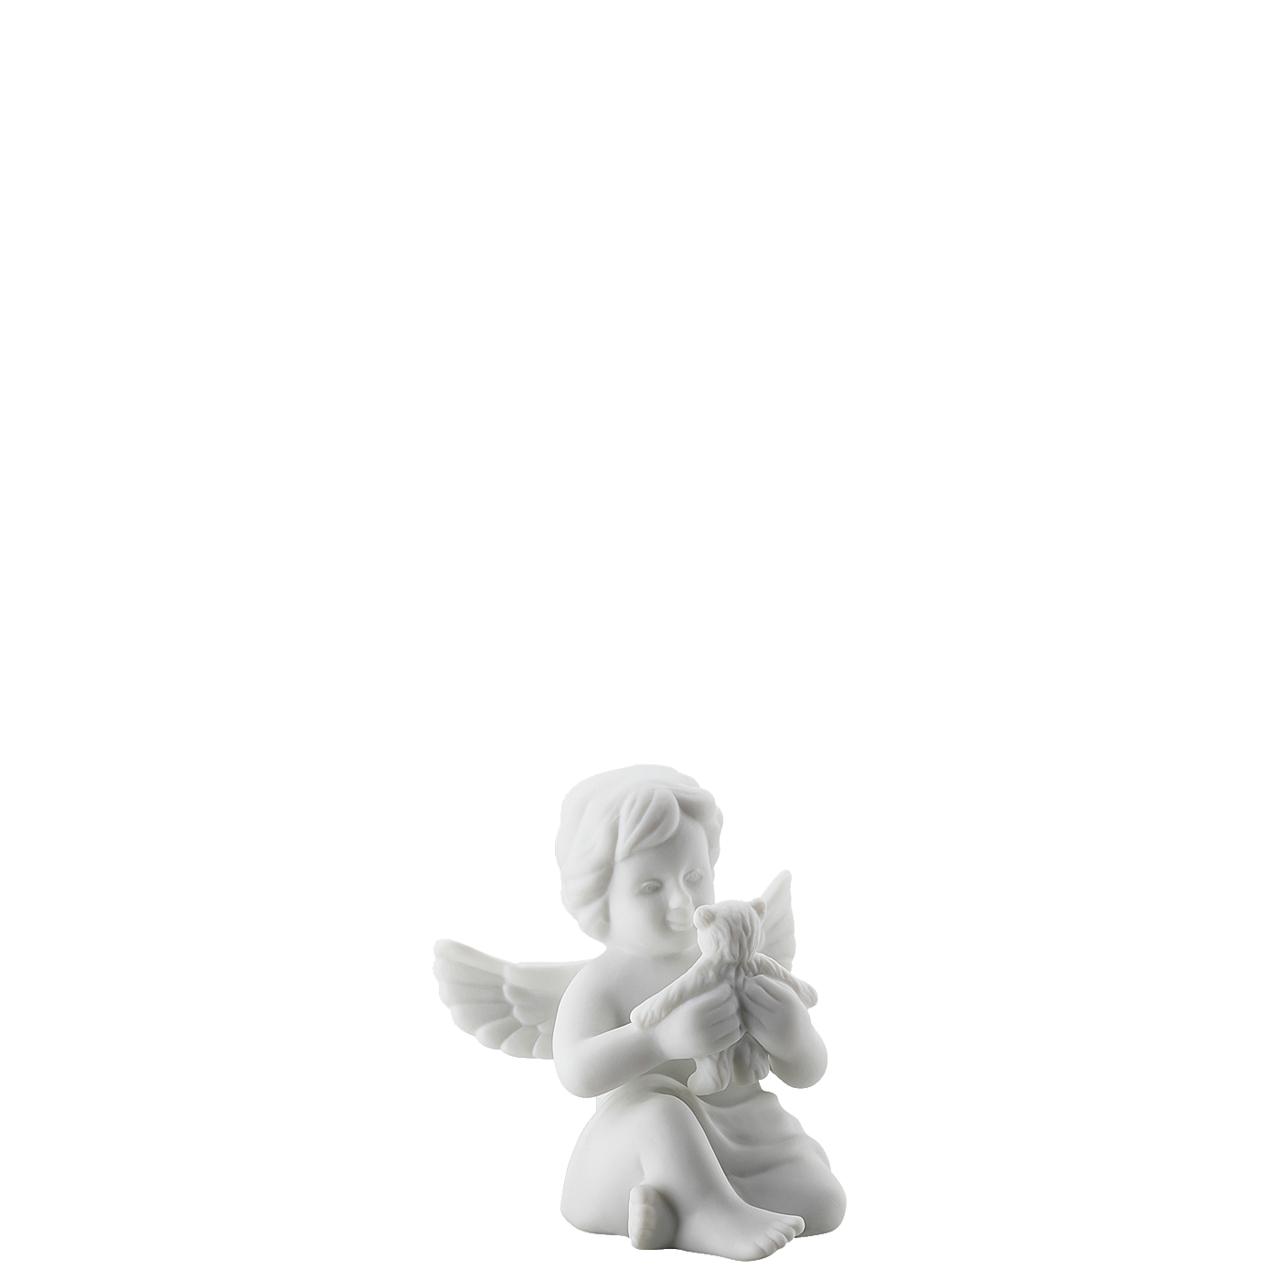 Engel mit Teddybär Engel klein Weiss matt Rosenthal